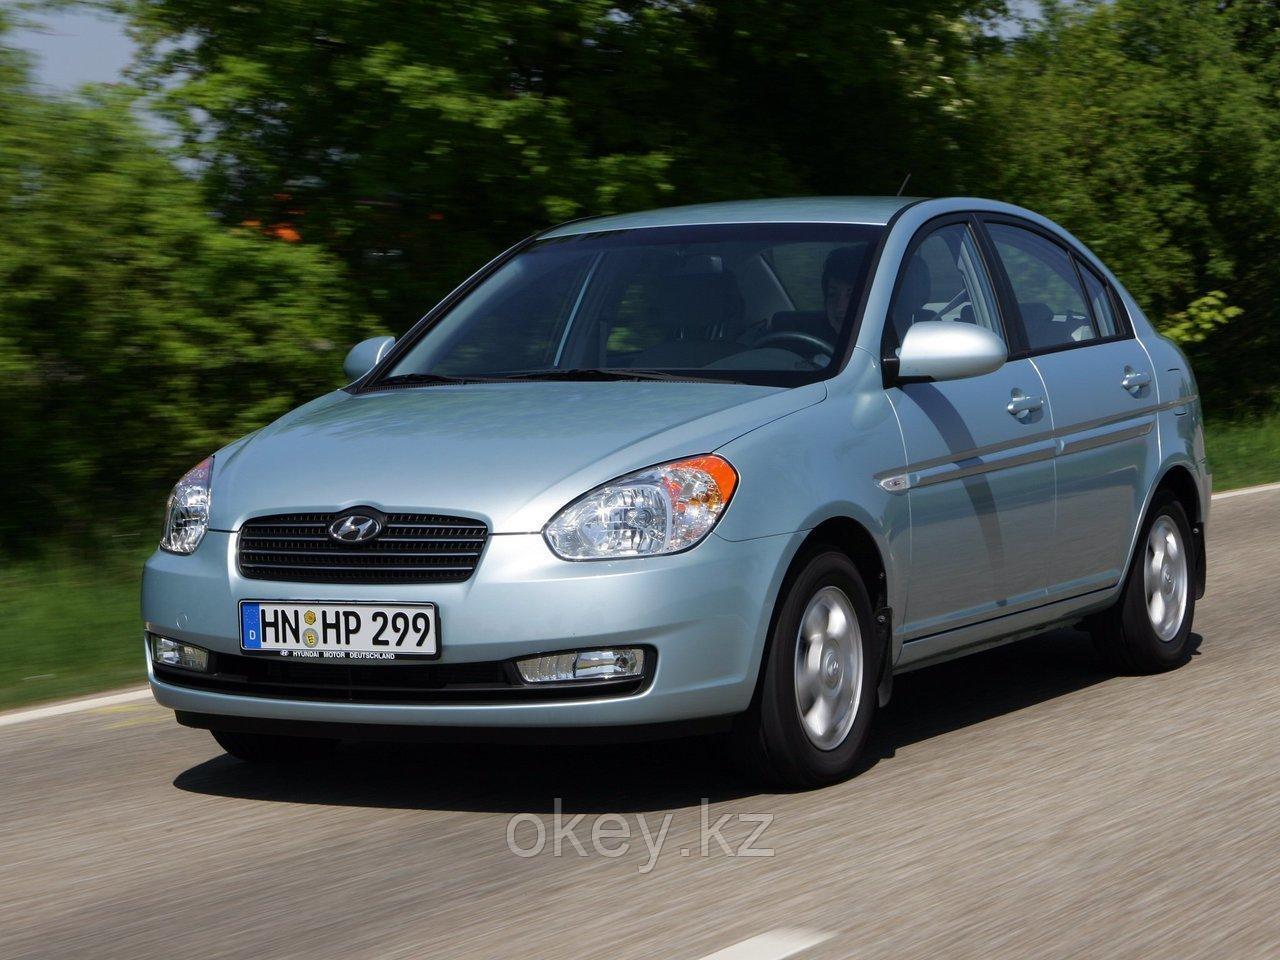 Тормозные колодки Kötl 3421KT для Hyundai Accent III седан (MC) 1.4 GL, 2005-2010 года выпуска.